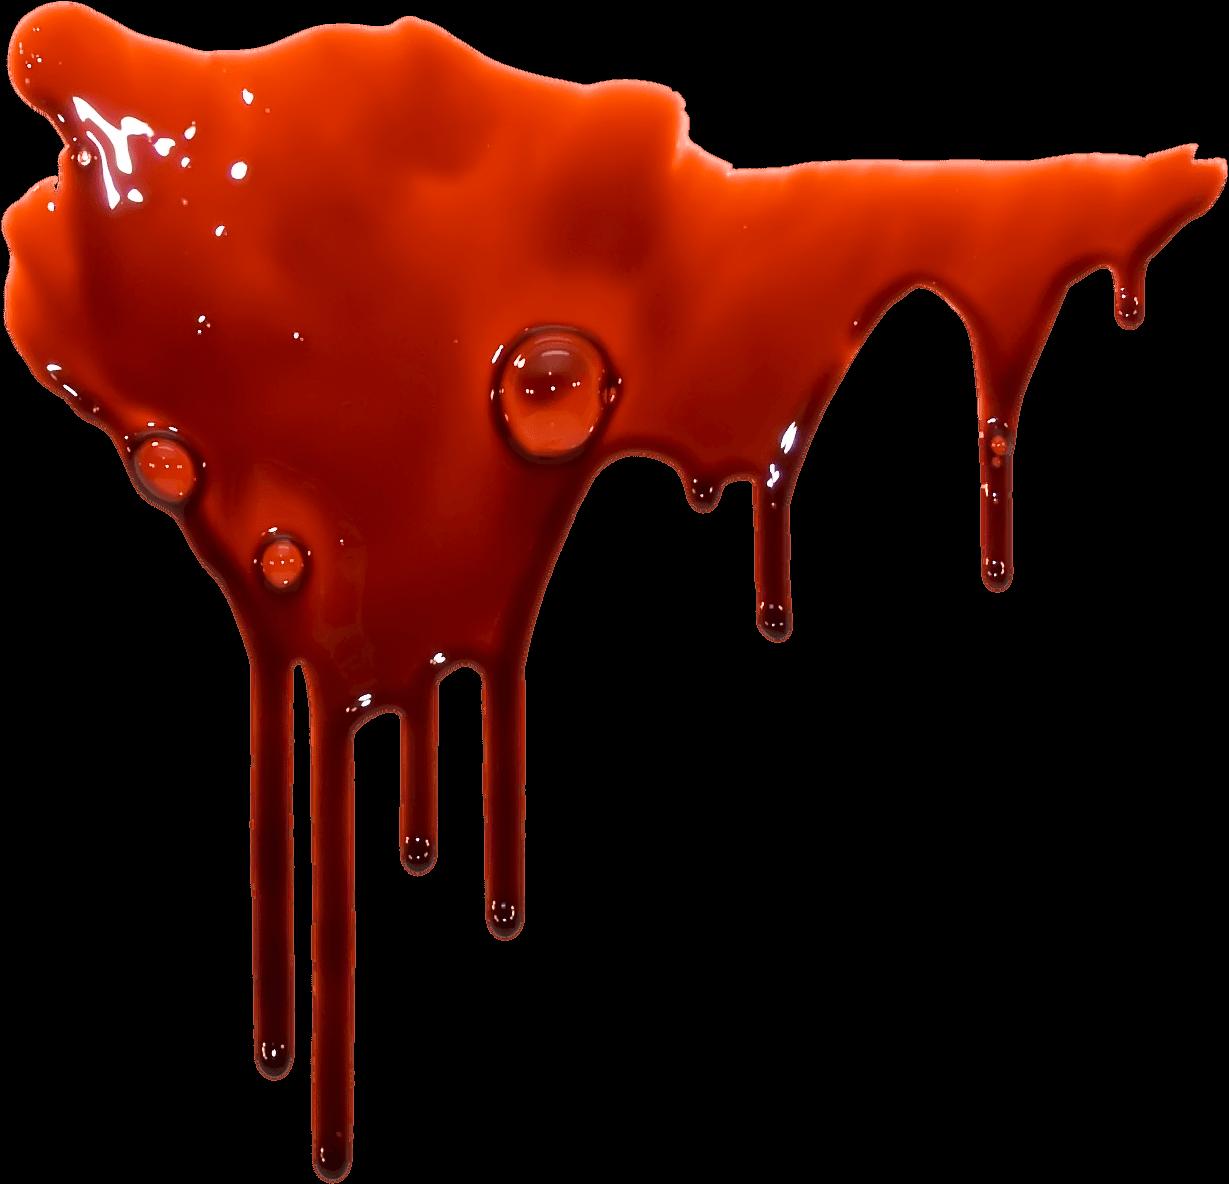 Blood spill png. Transparent images stickpng header